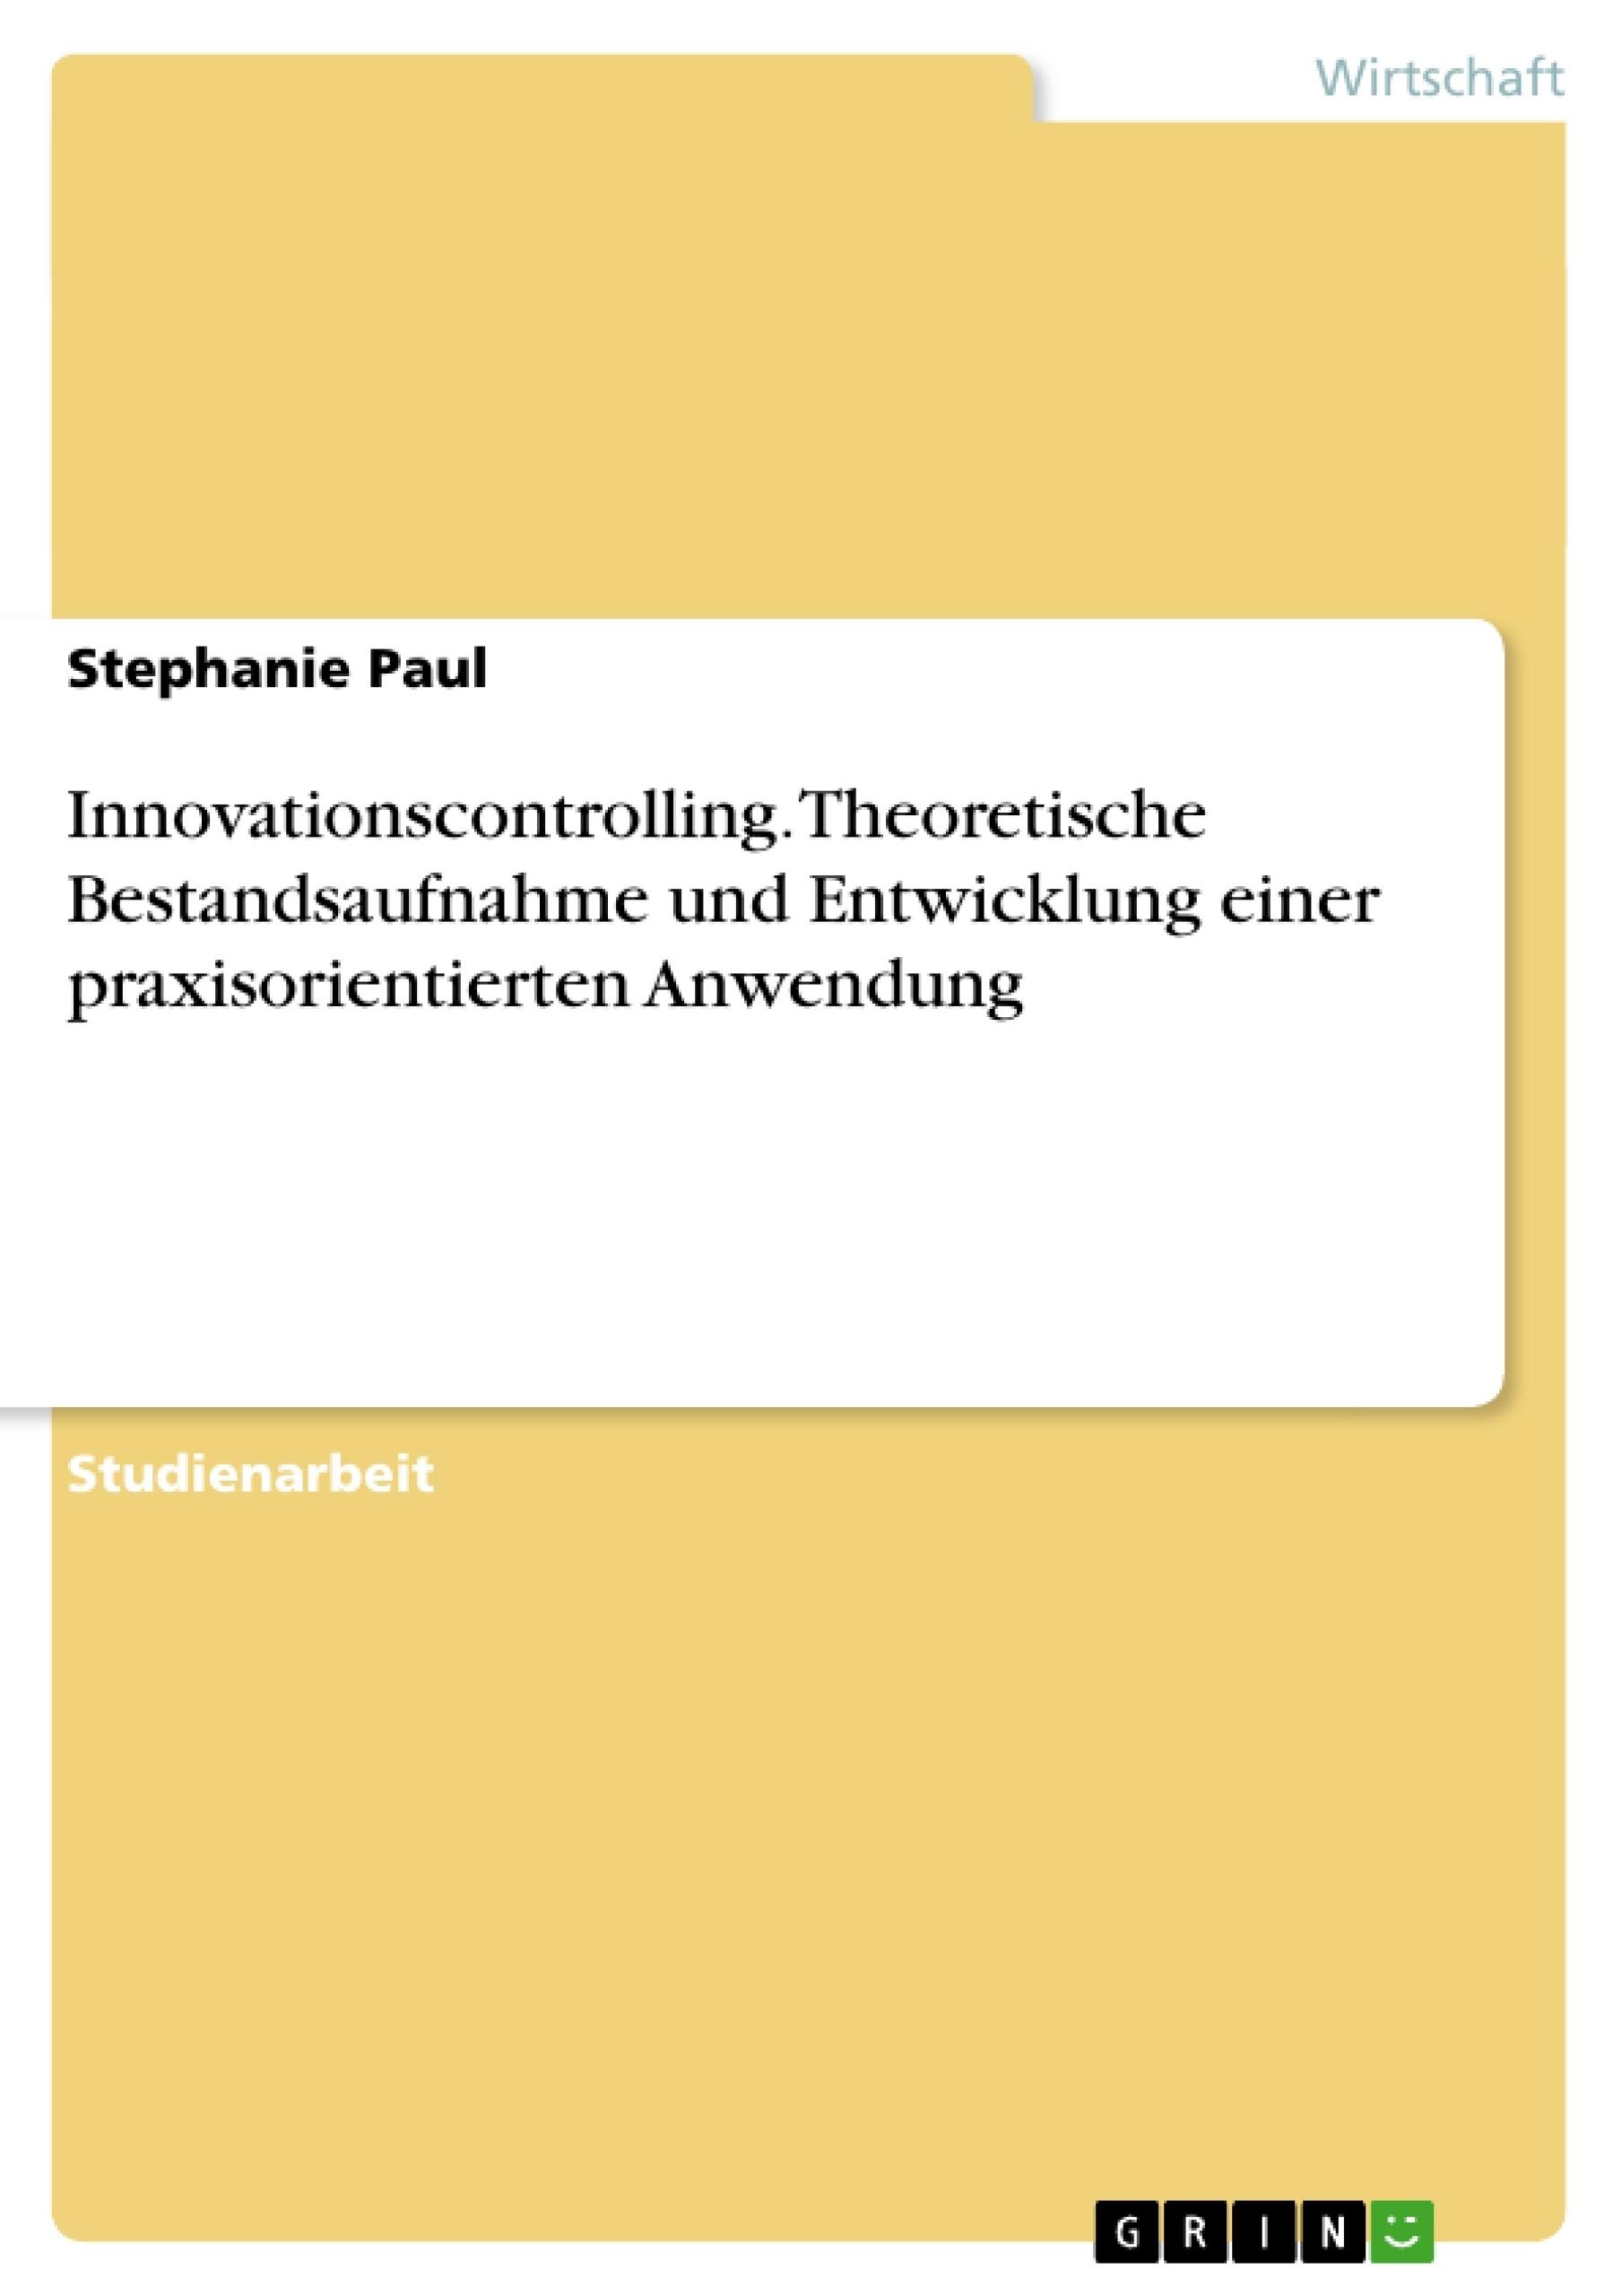 Titel: Innovationscontrolling. Theoretische Bestandsaufnahme und Entwicklung einer praxisorientierten Anwendung